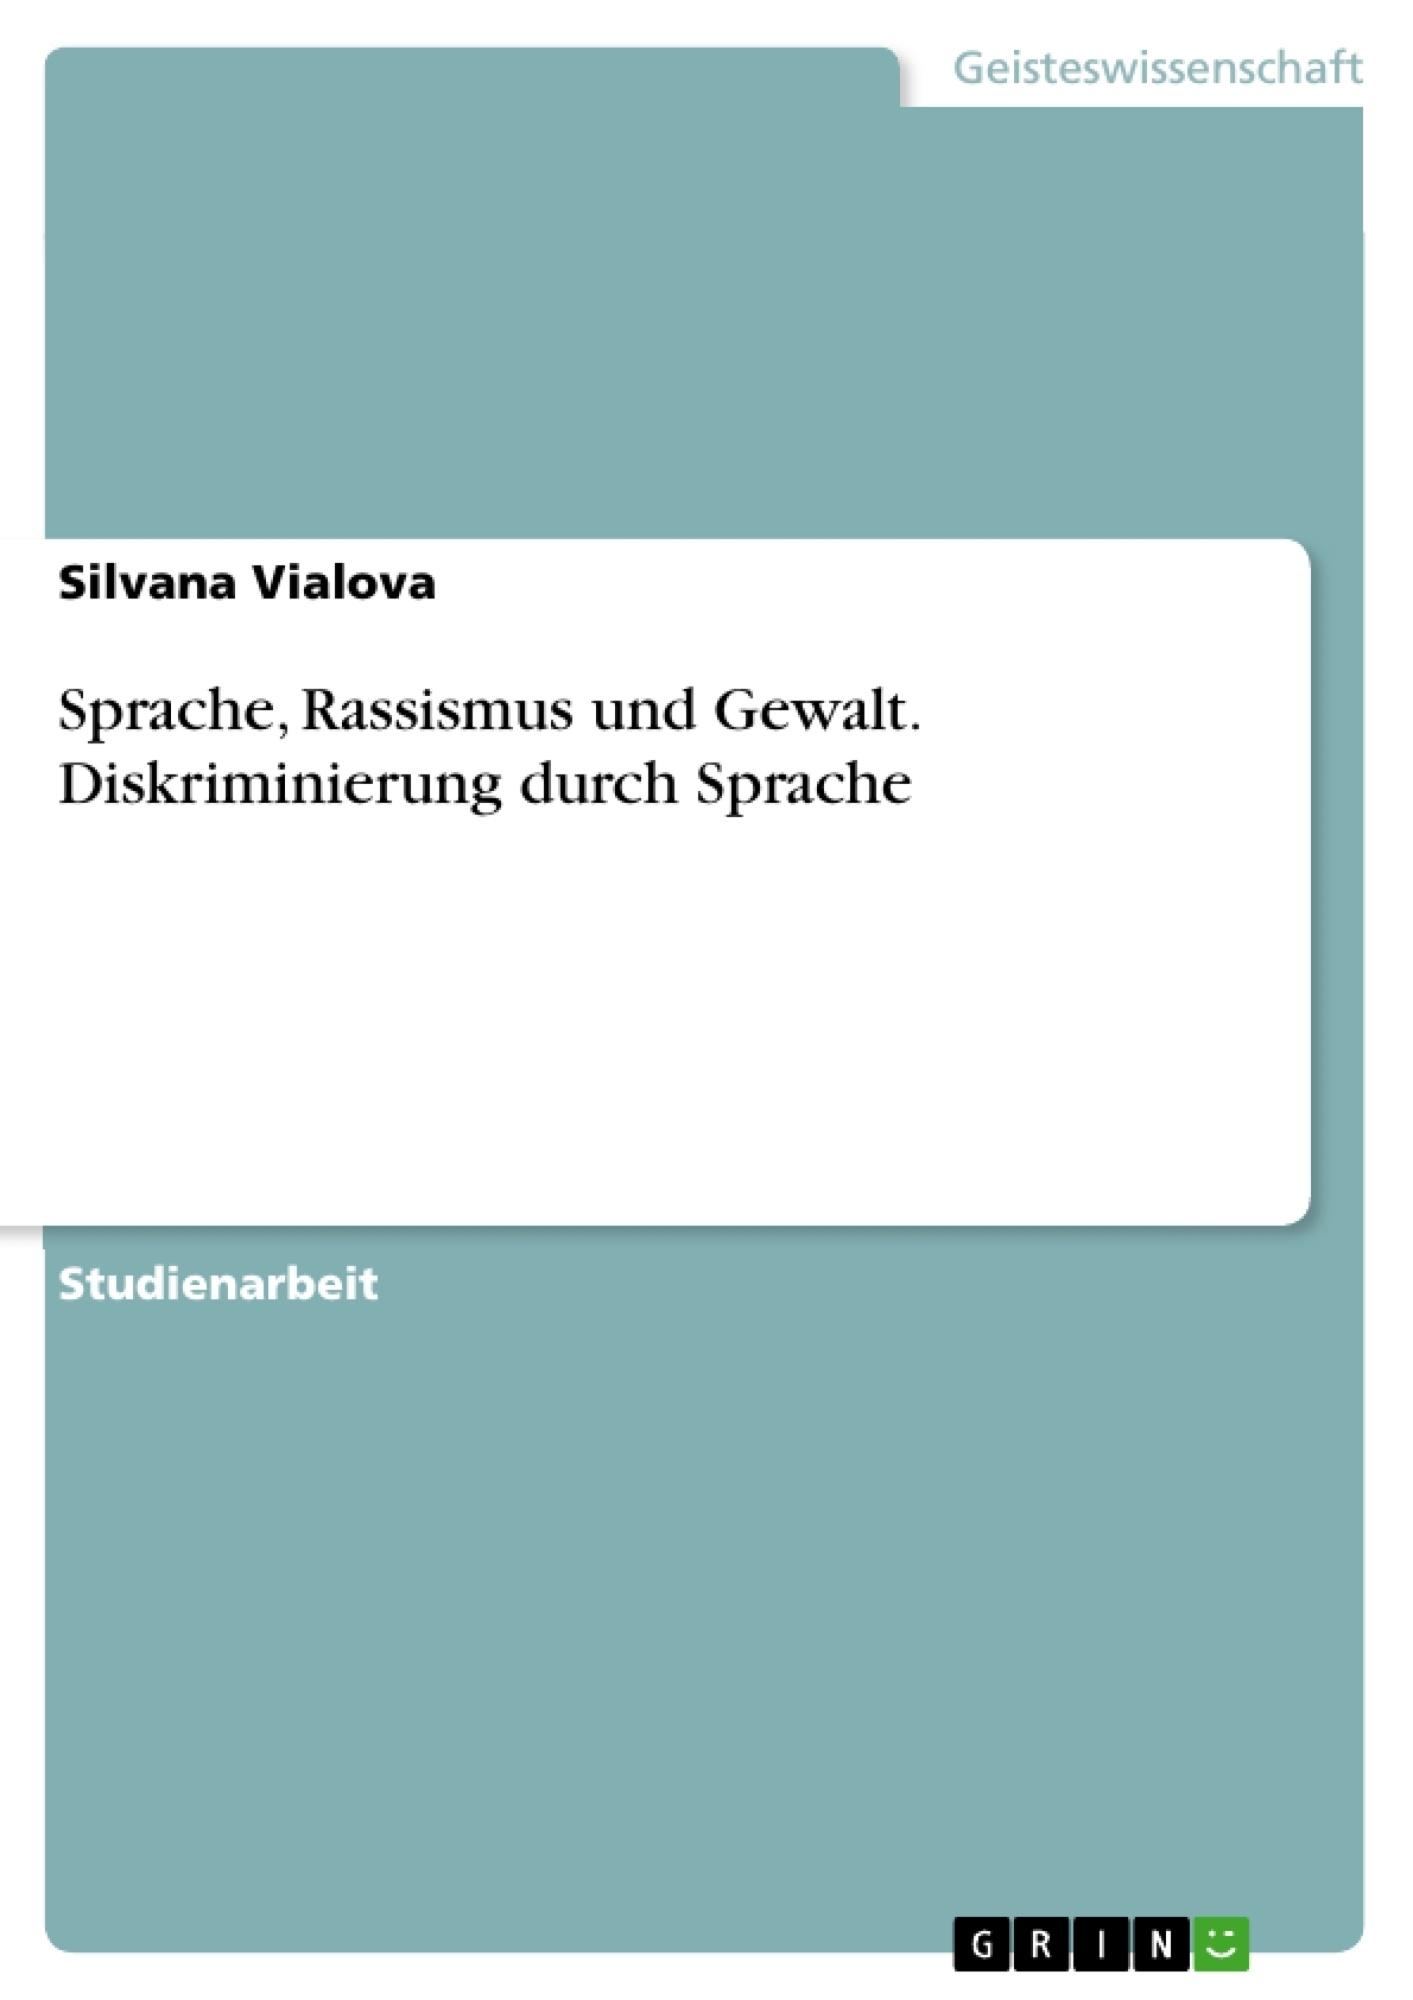 Titel: Sprache, Rassismus und Gewalt. Diskriminierung durch Sprache